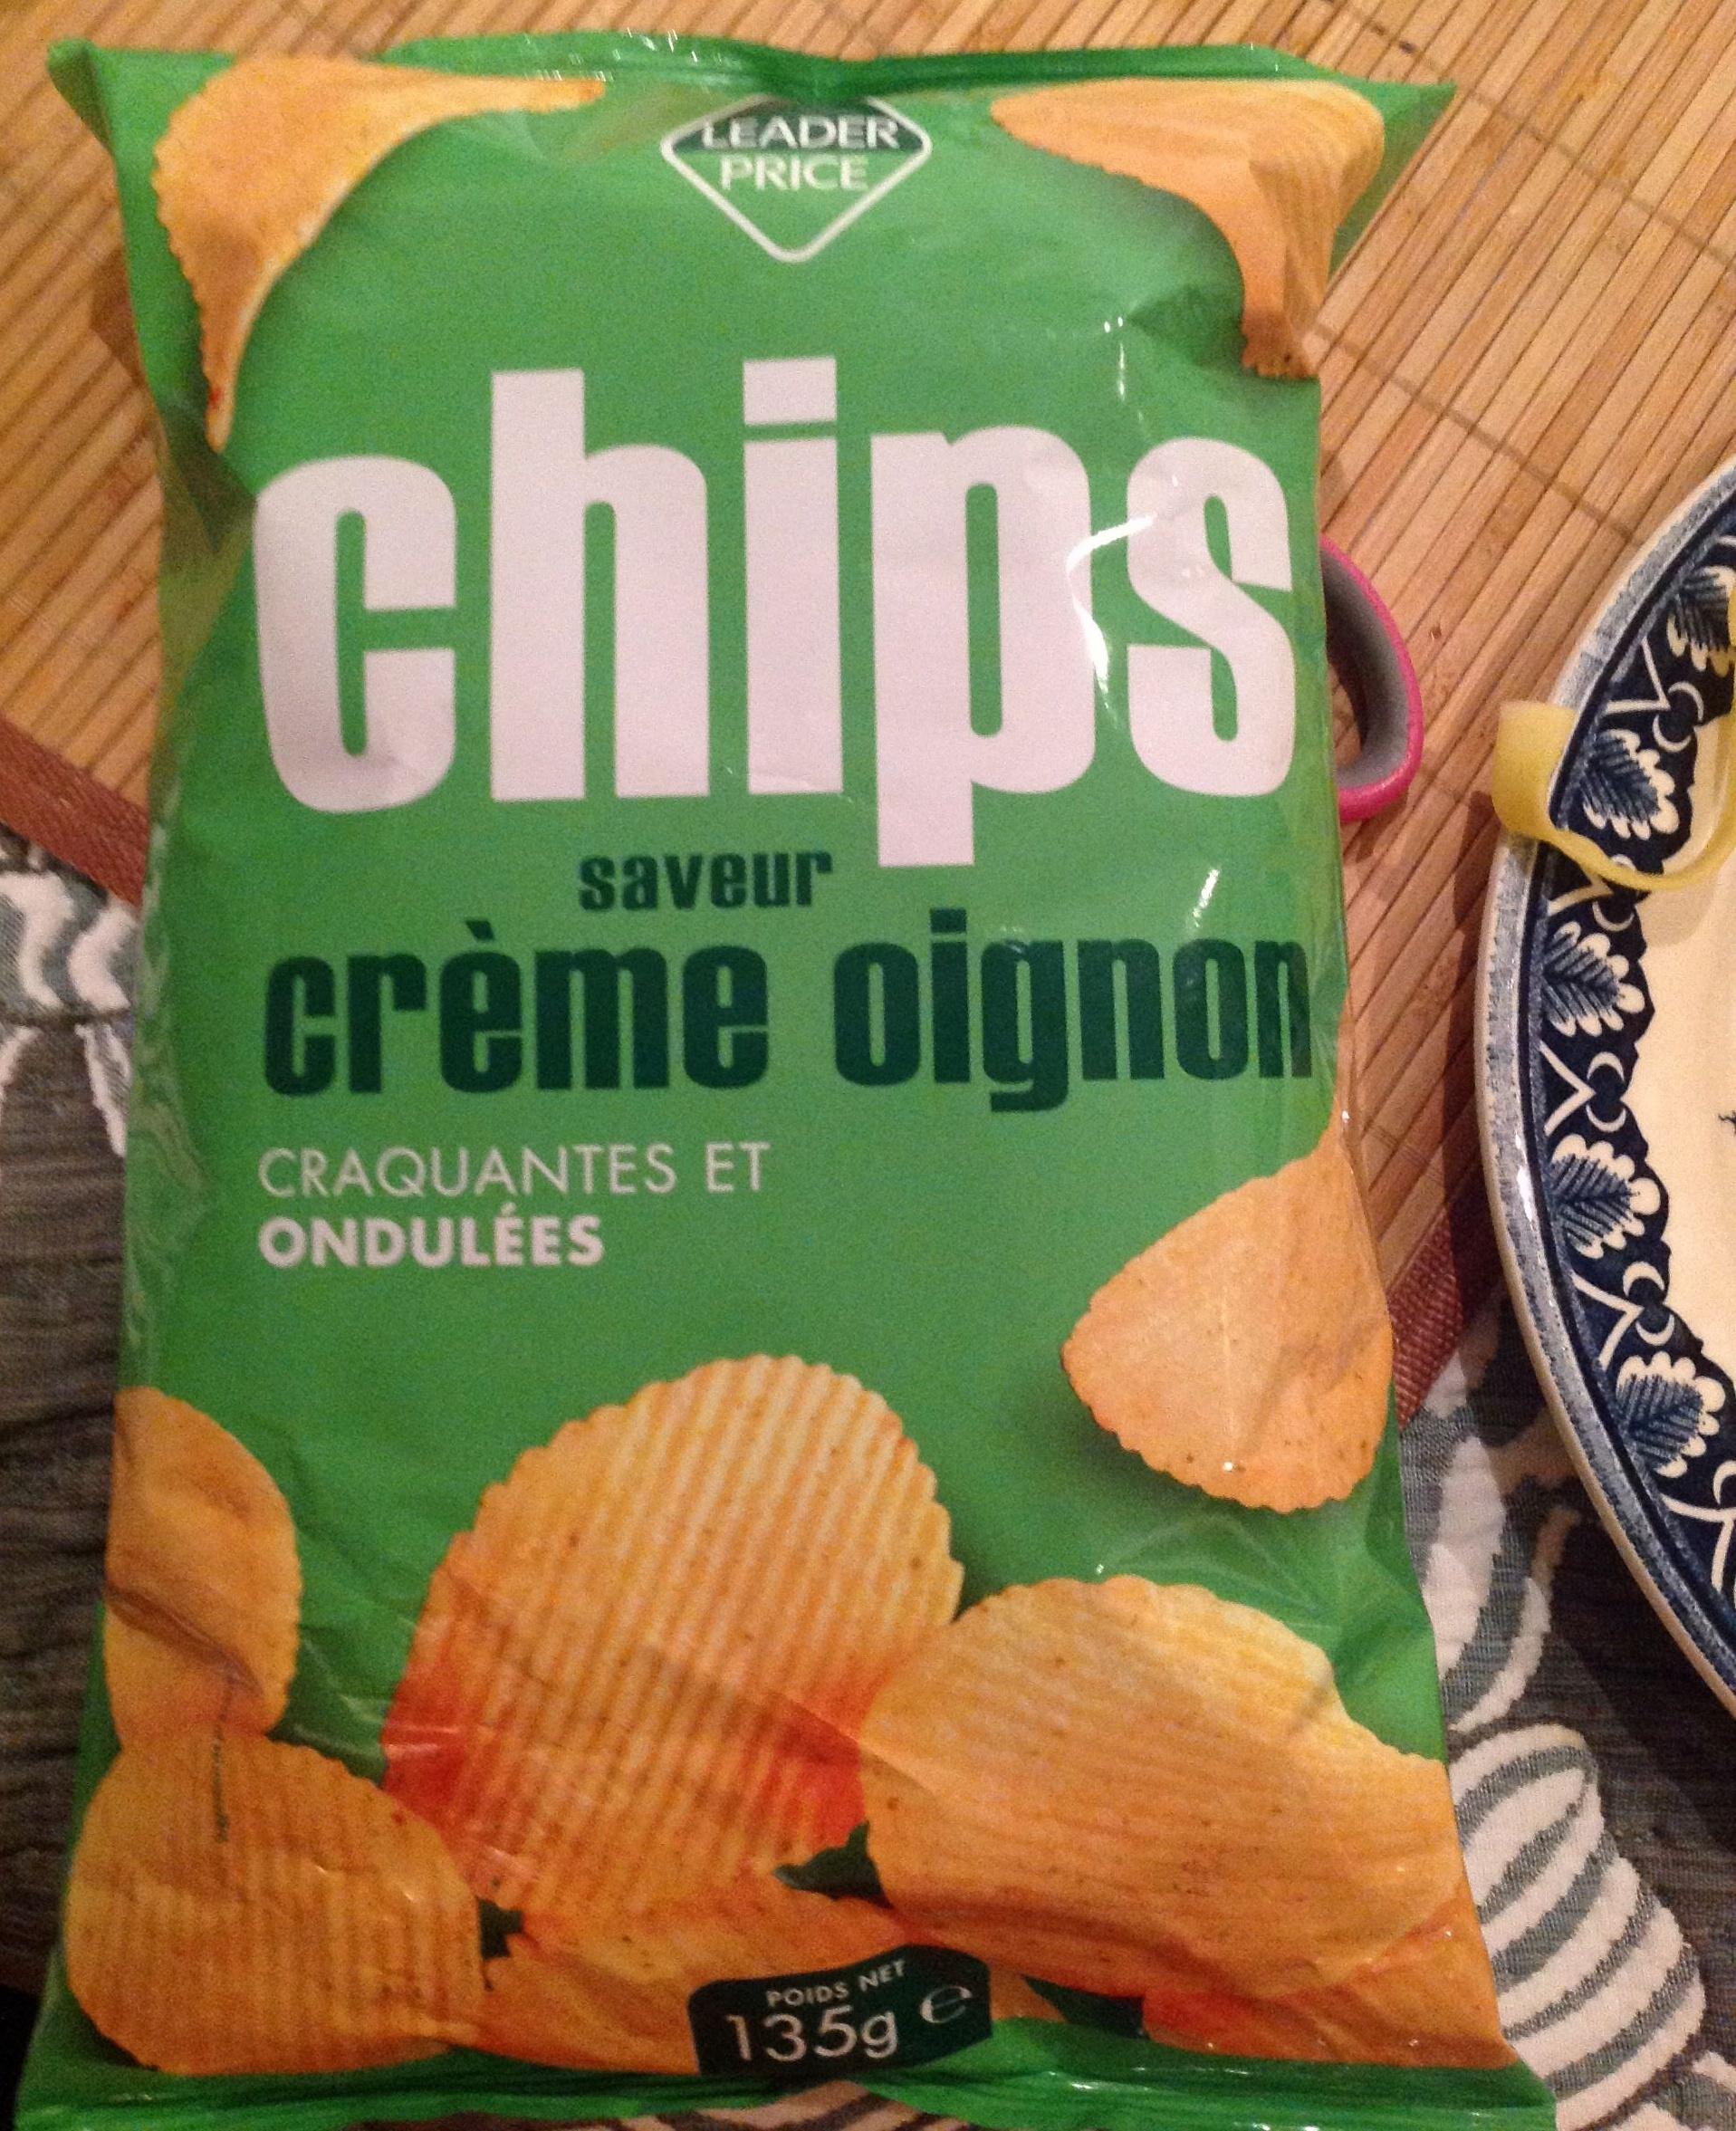 Chips crème oignon - Product - fr